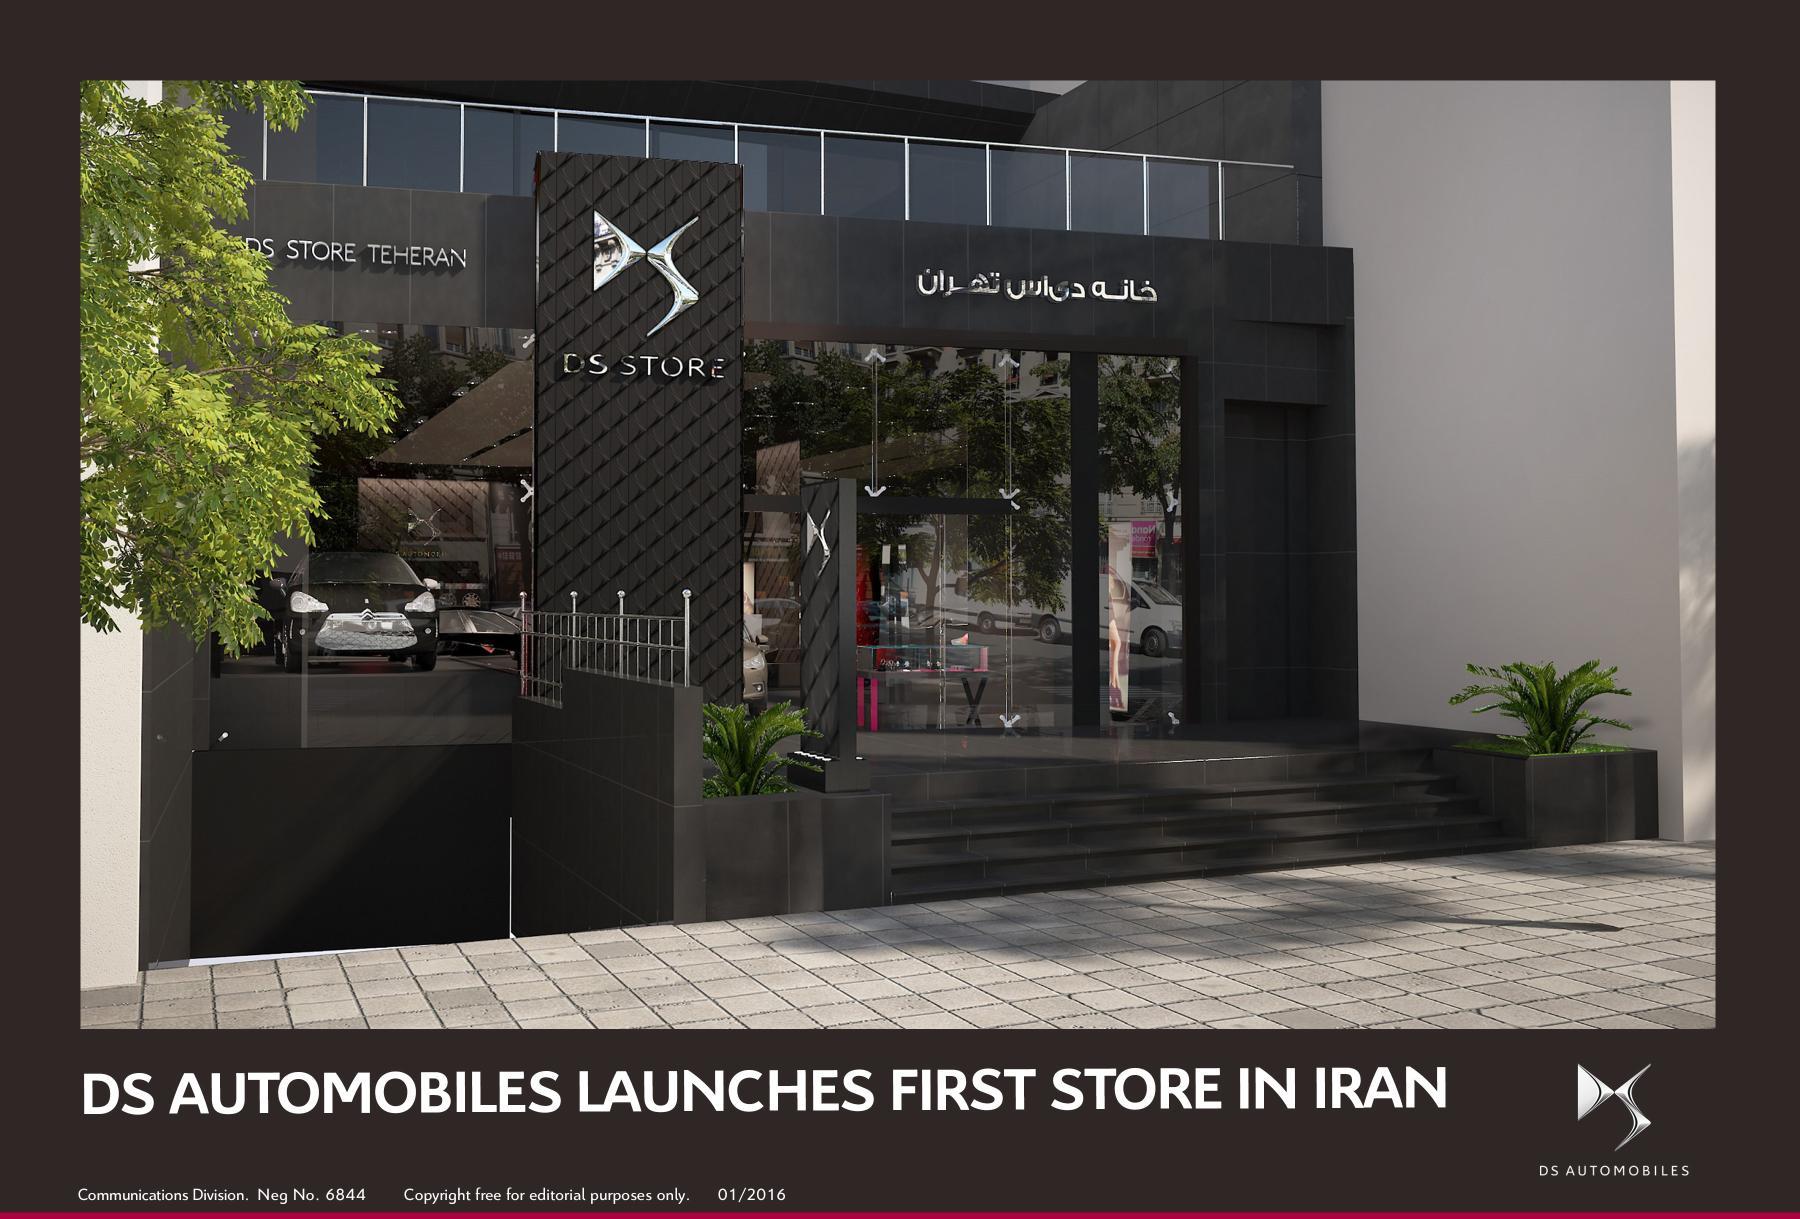 Il Marchio DS è stato lanciato ufficialmente in Iran